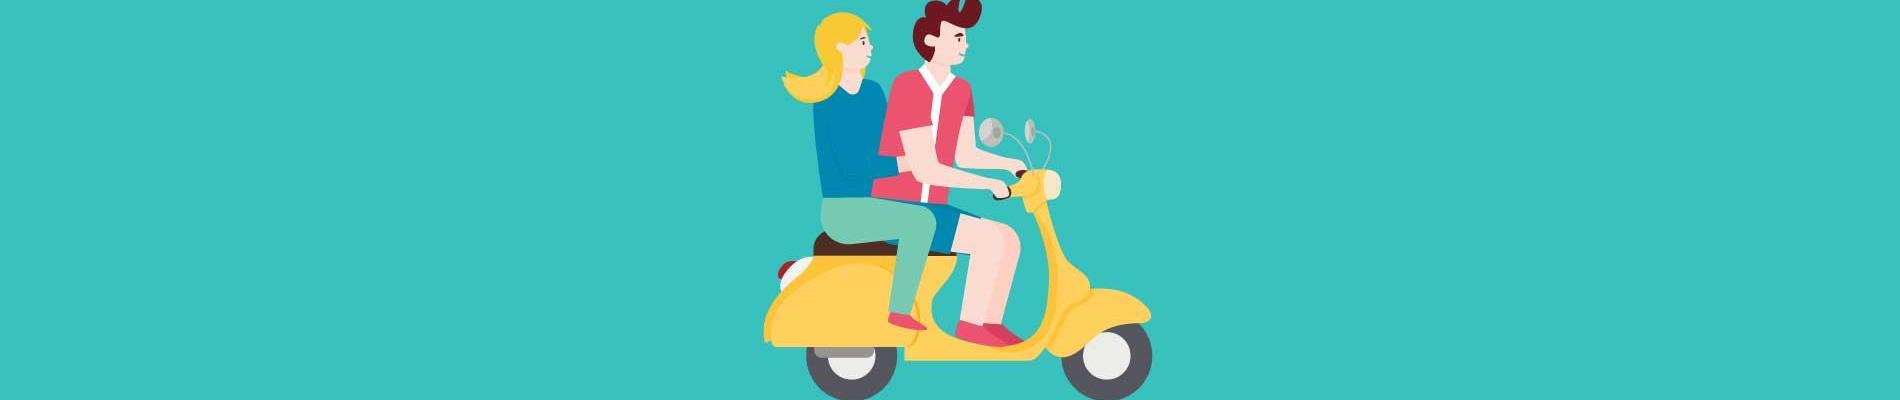 Les 14/24 ans en deux-roues motorisés sont-ils bien équipés ? - Enquête